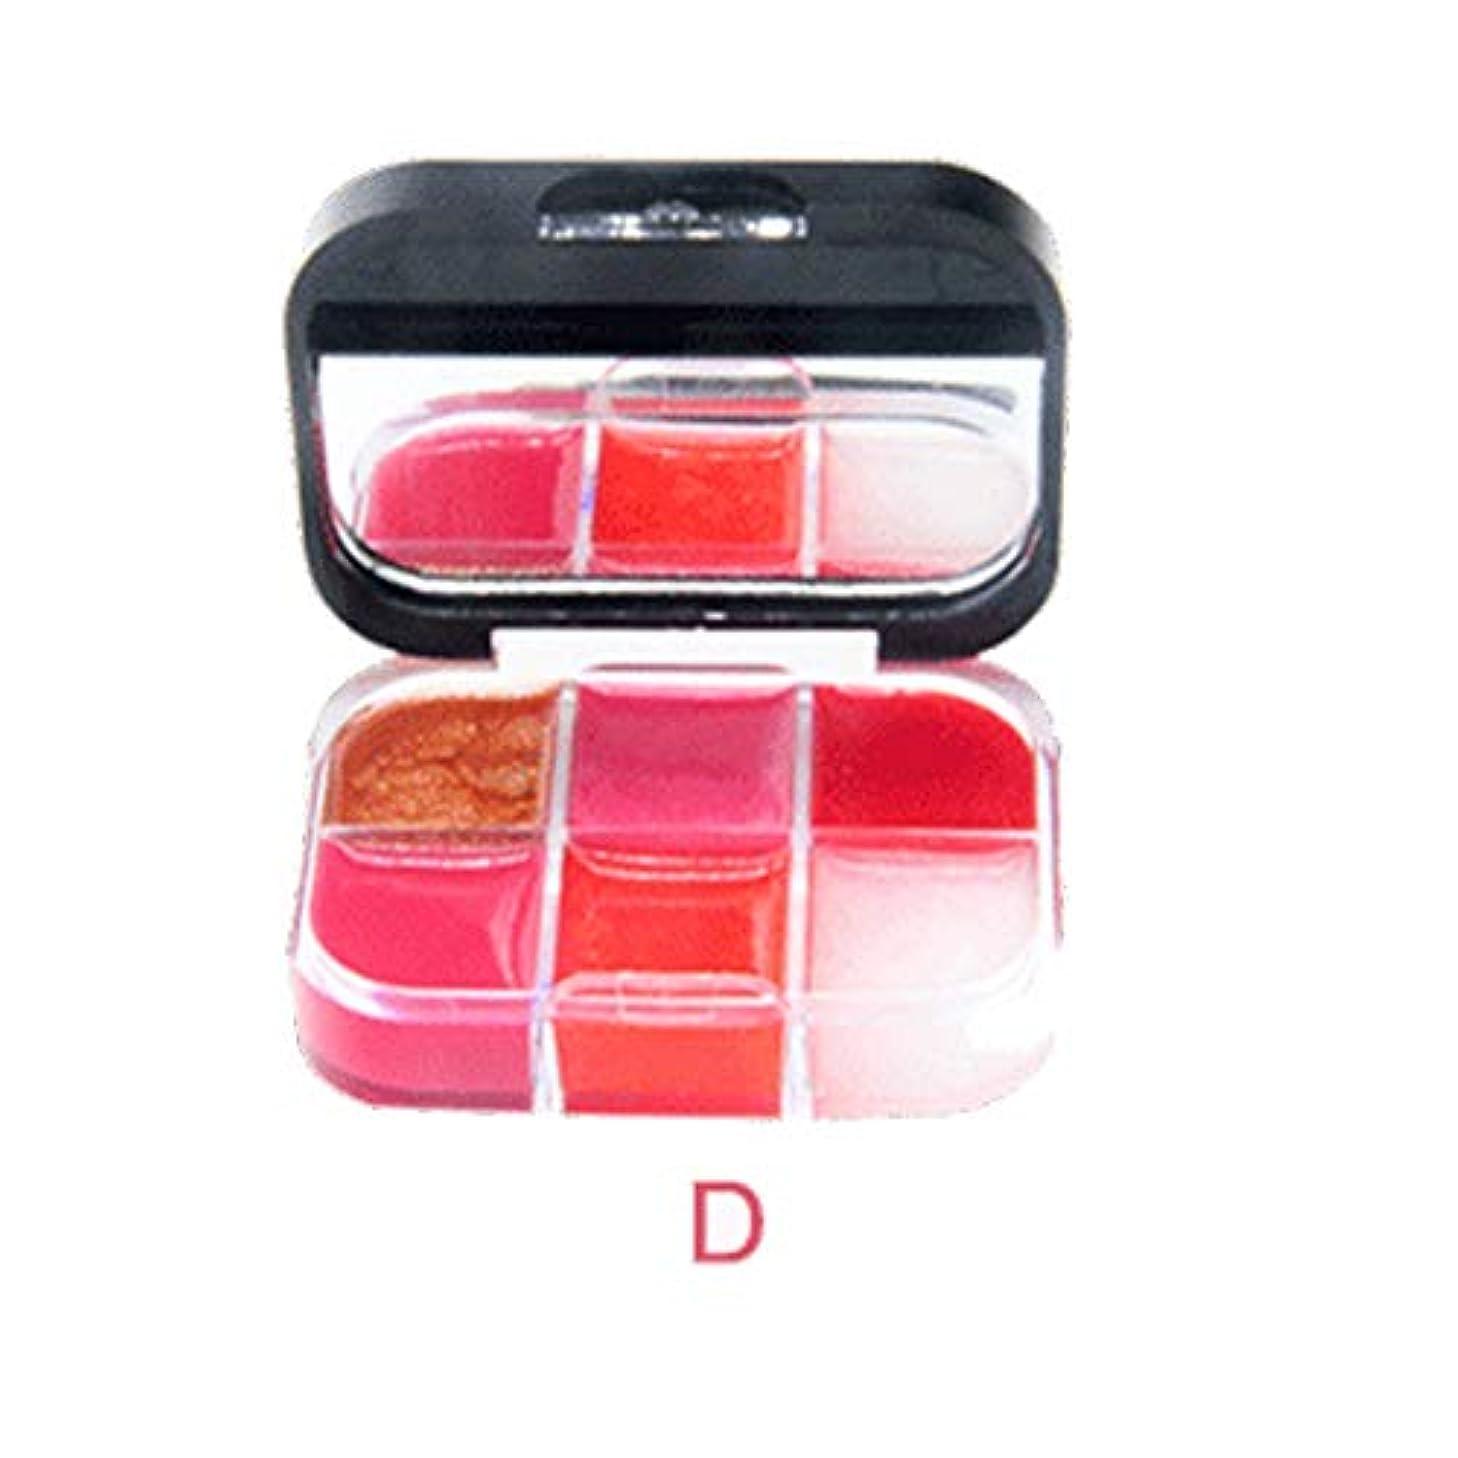 把握固めるトーナメント美は口紅の保湿剤の唇の光沢の化粧品セットを構成します